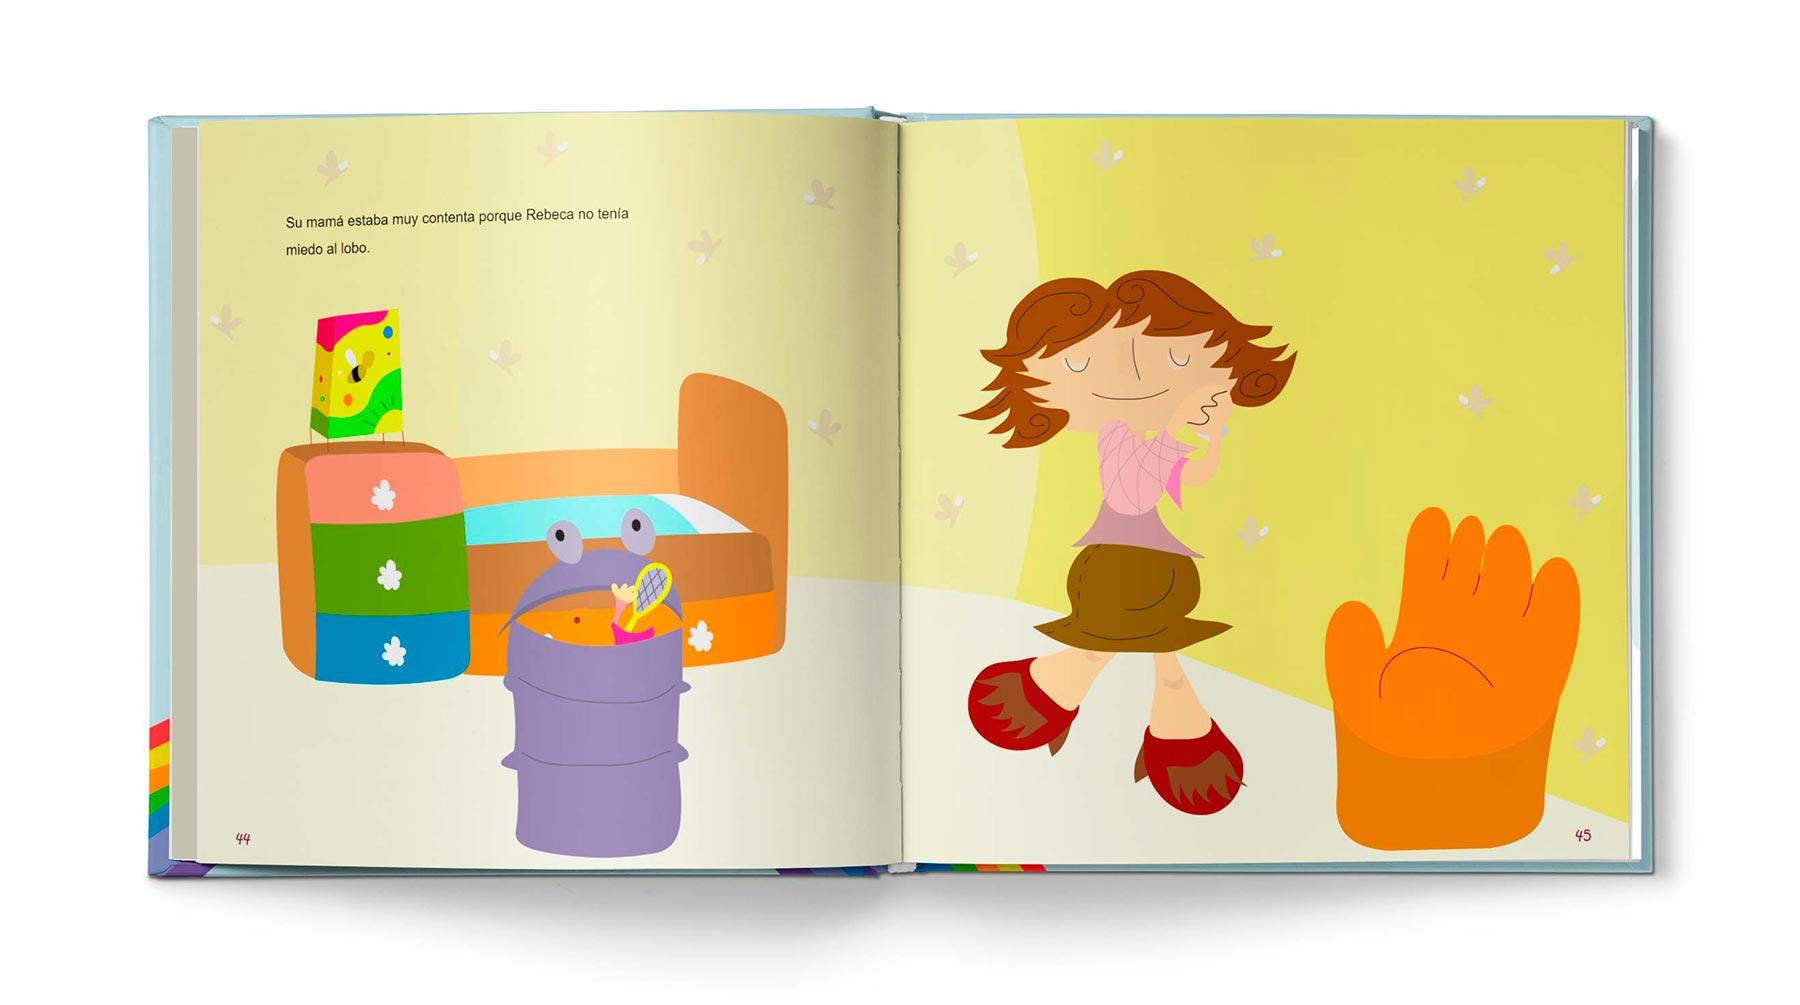 Cuento Colección peques - Imagen 23